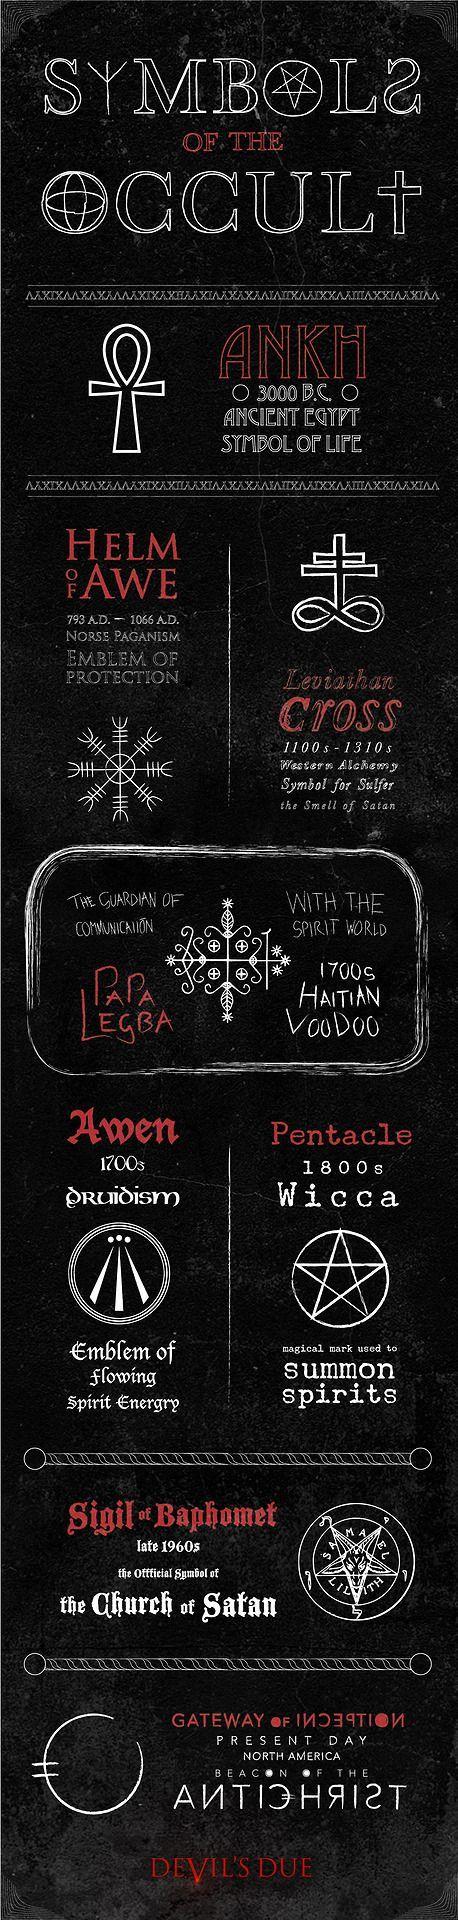 Occult Symbols Eeshhh Pretty Creepy Definitely Gonna Keep An Eye